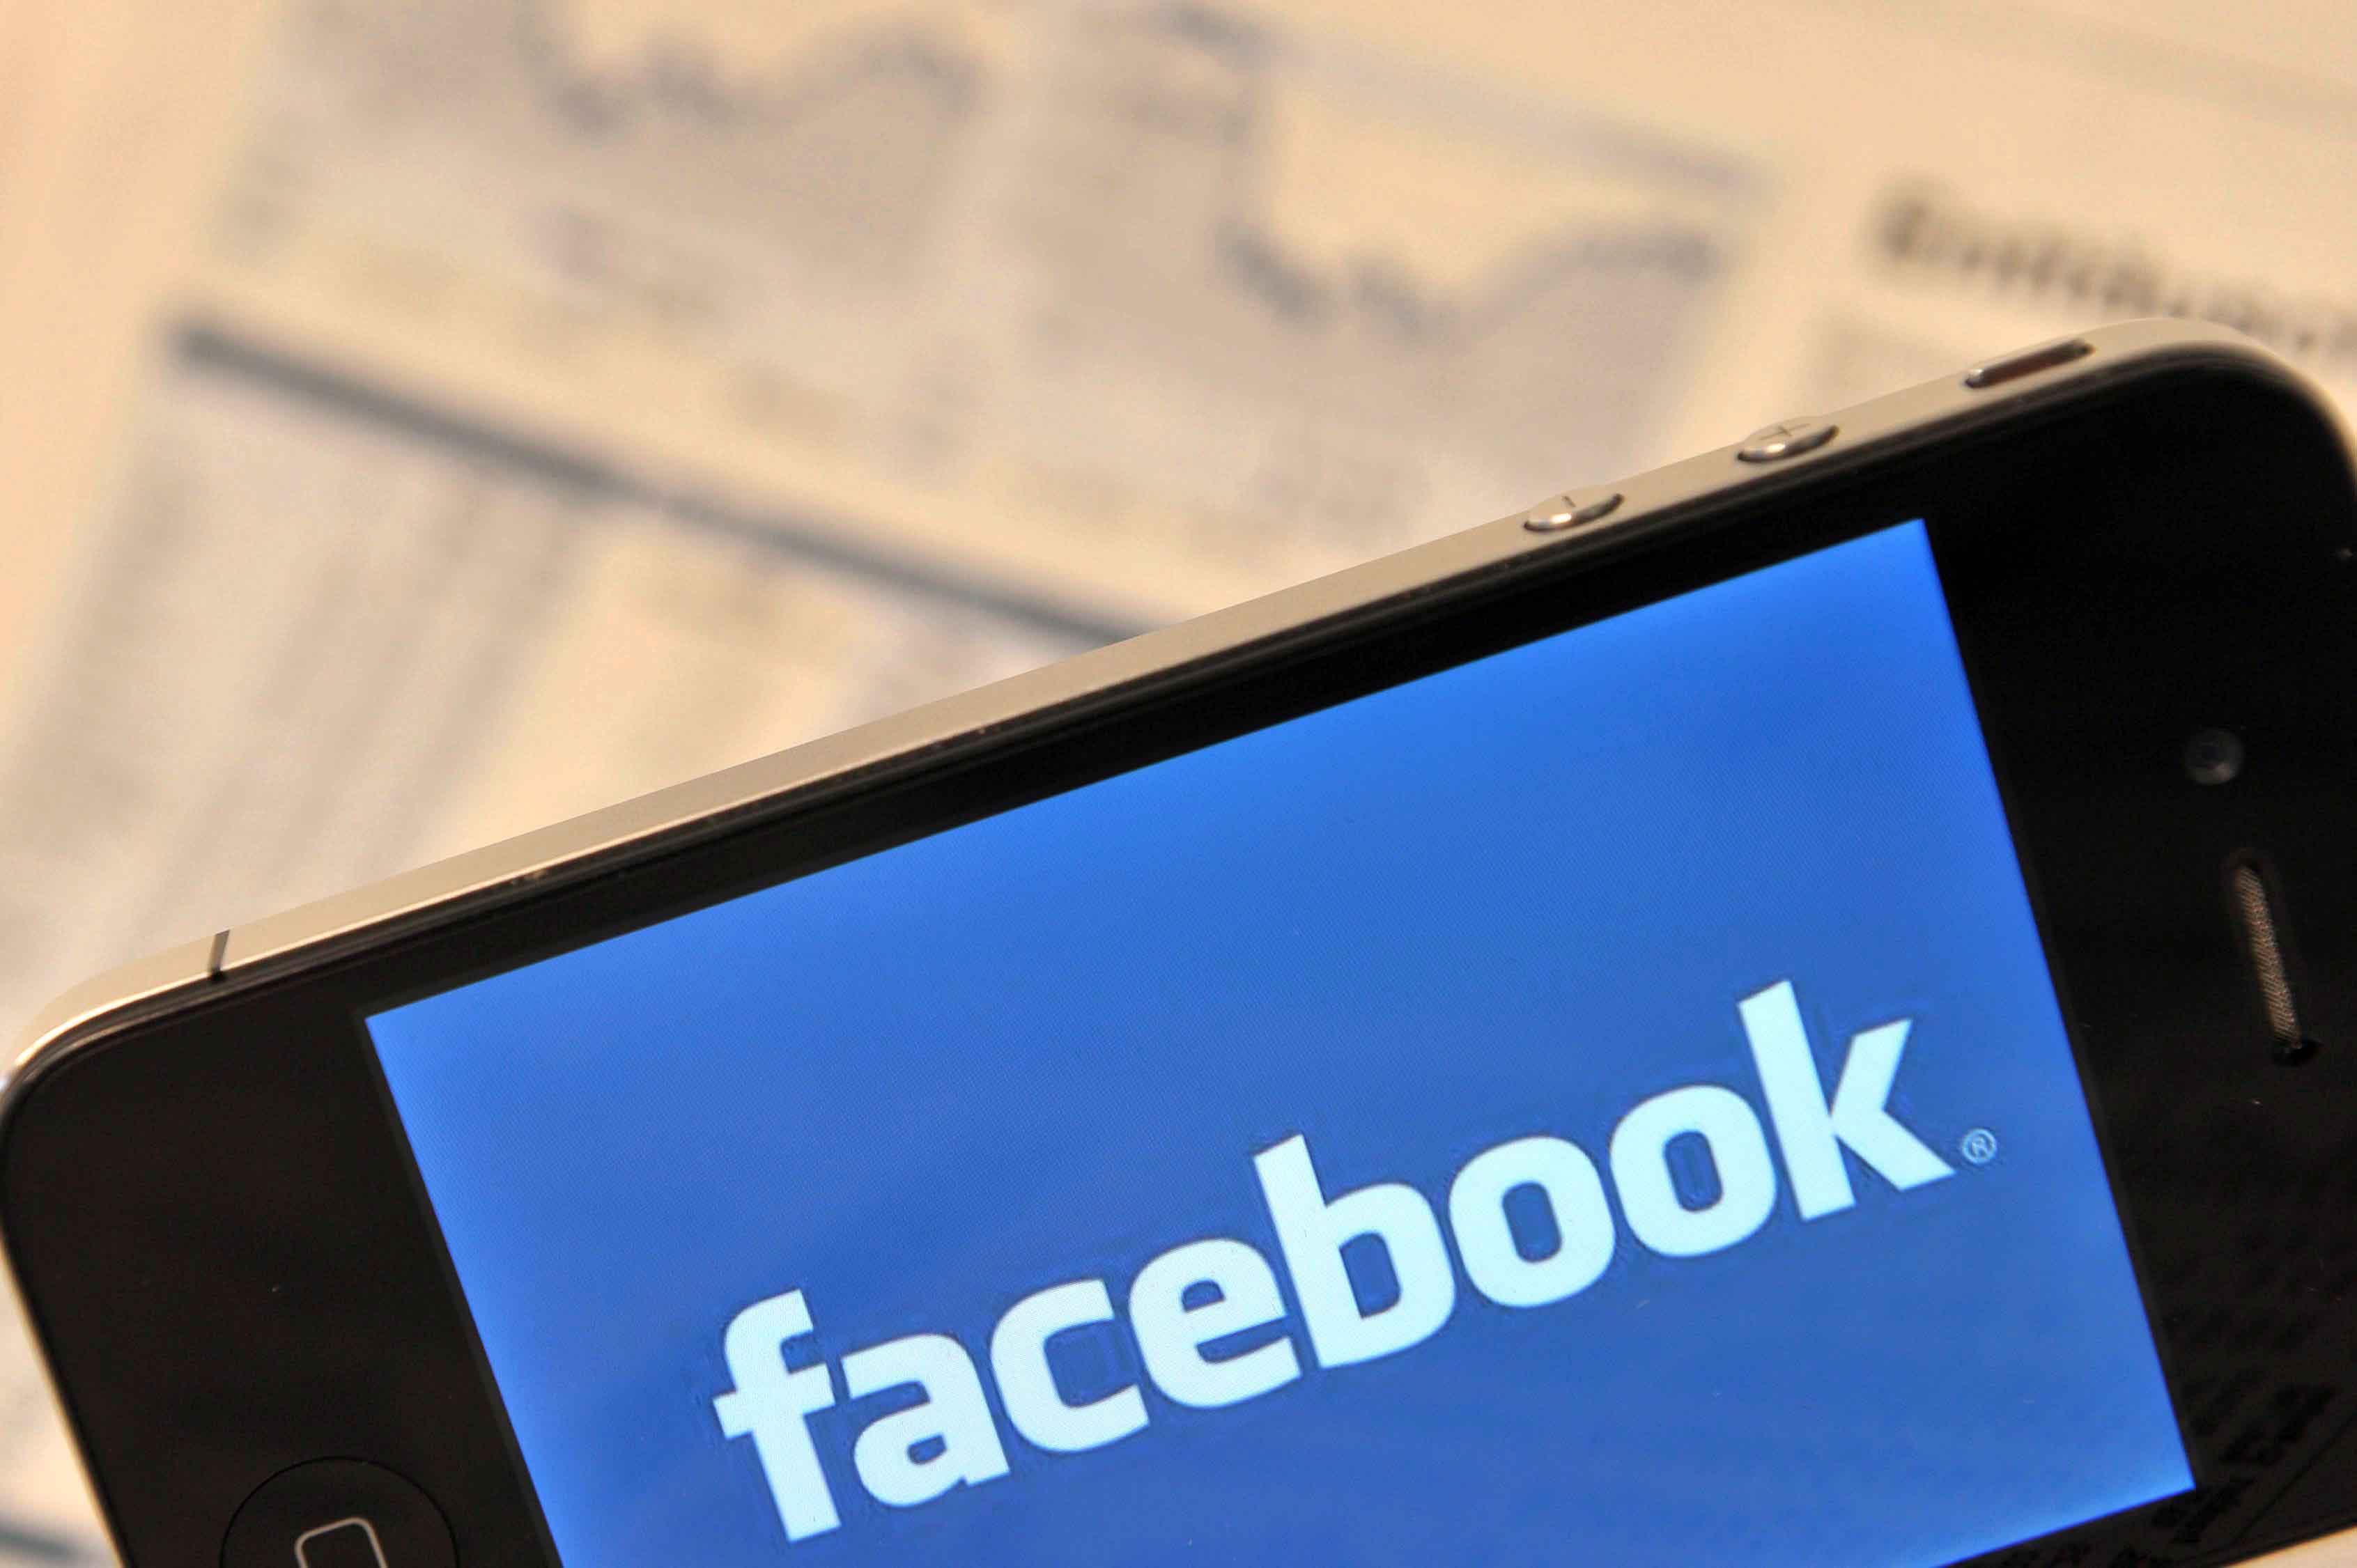 Facebook diventa sempre più Twitter: ecco gli aggiornamenti più caldi